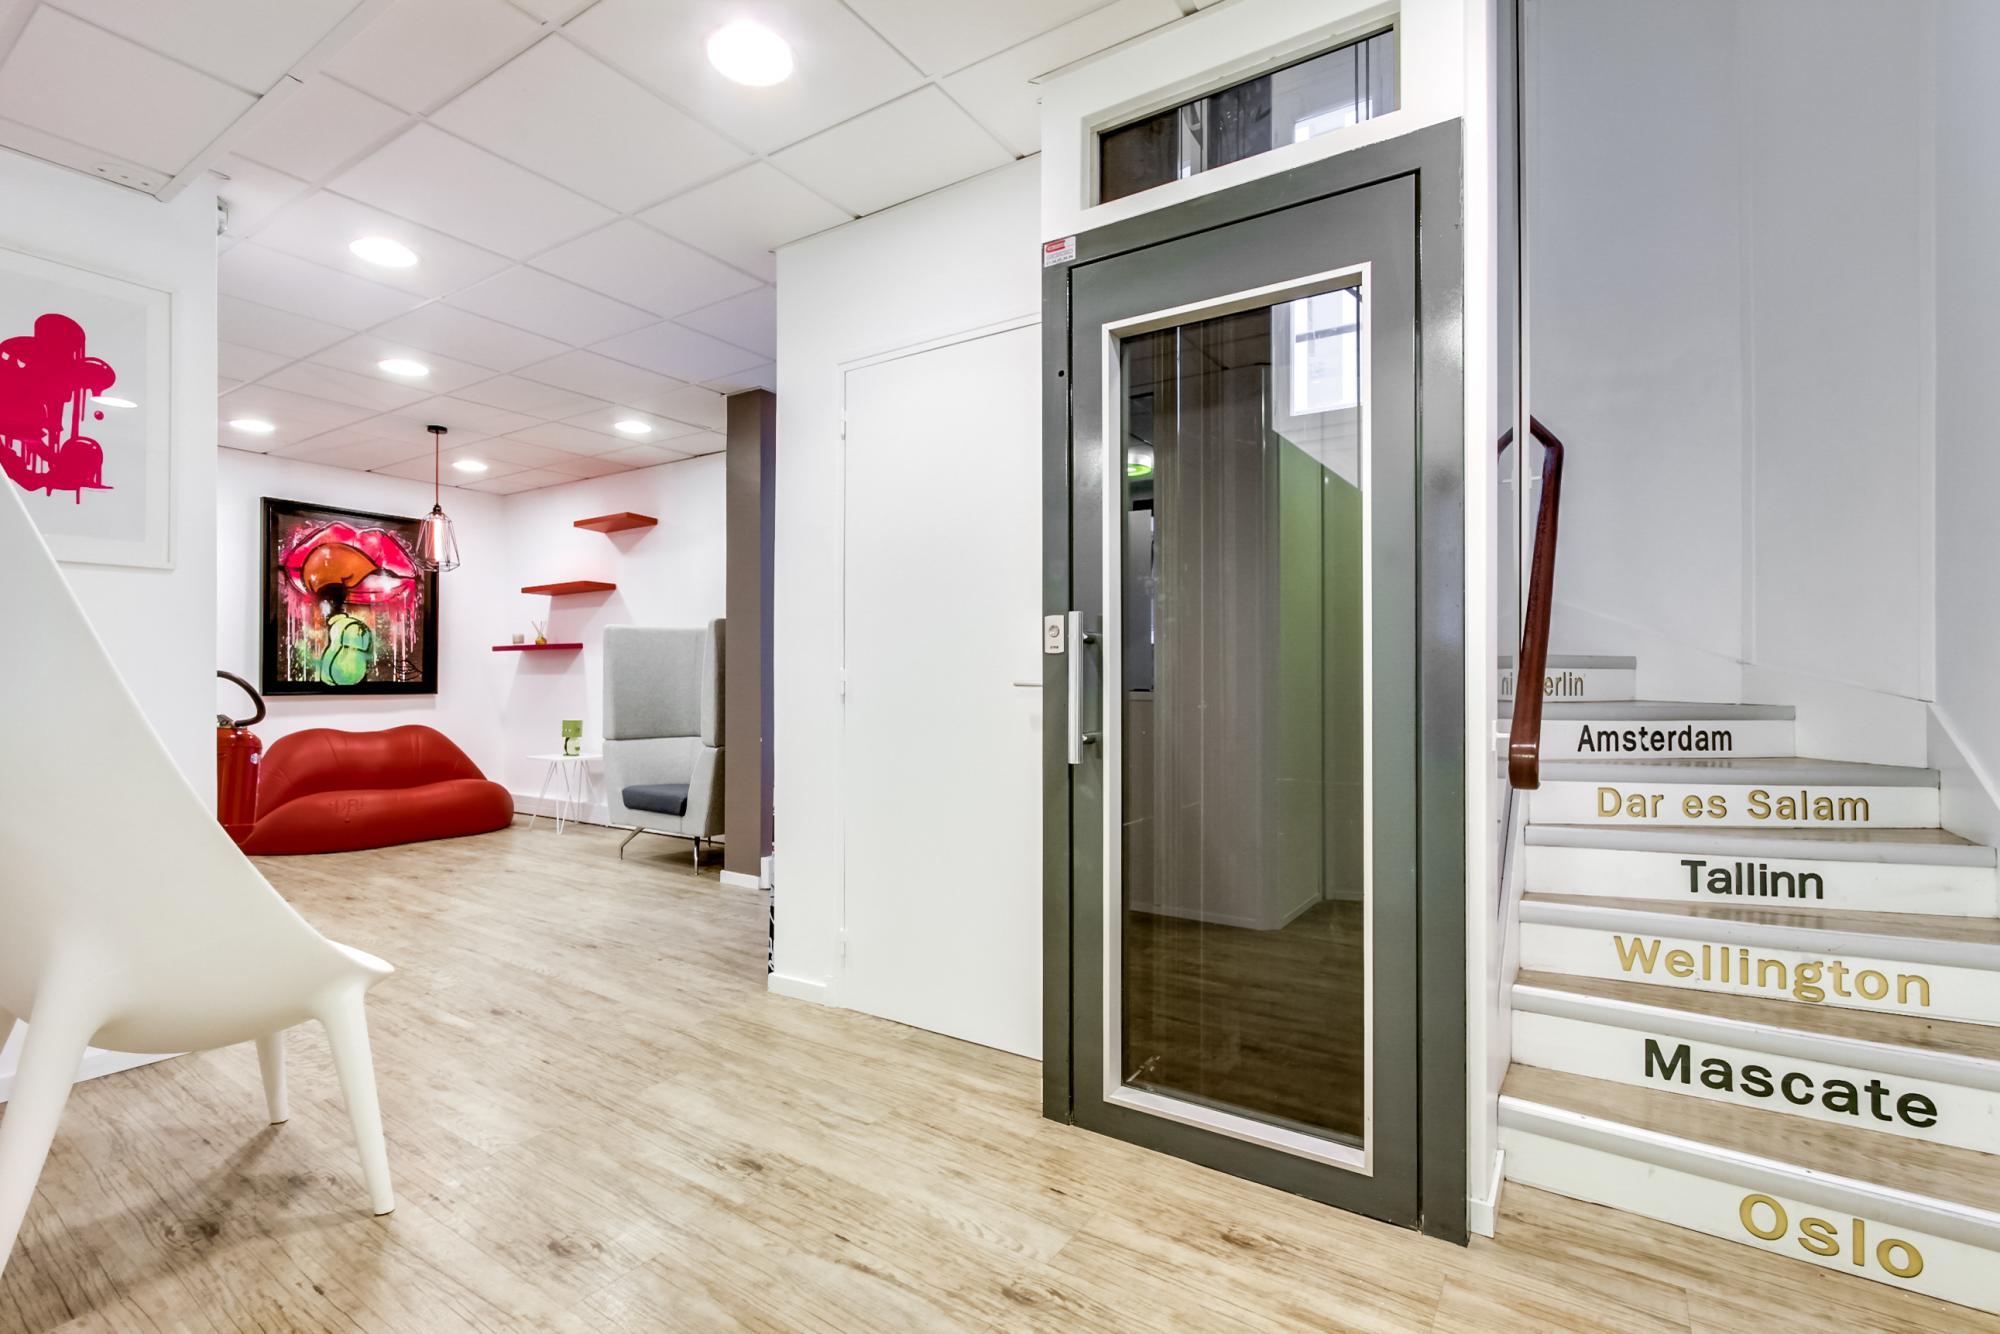 espace détente coloré et confortable avec location de bureau à Paris